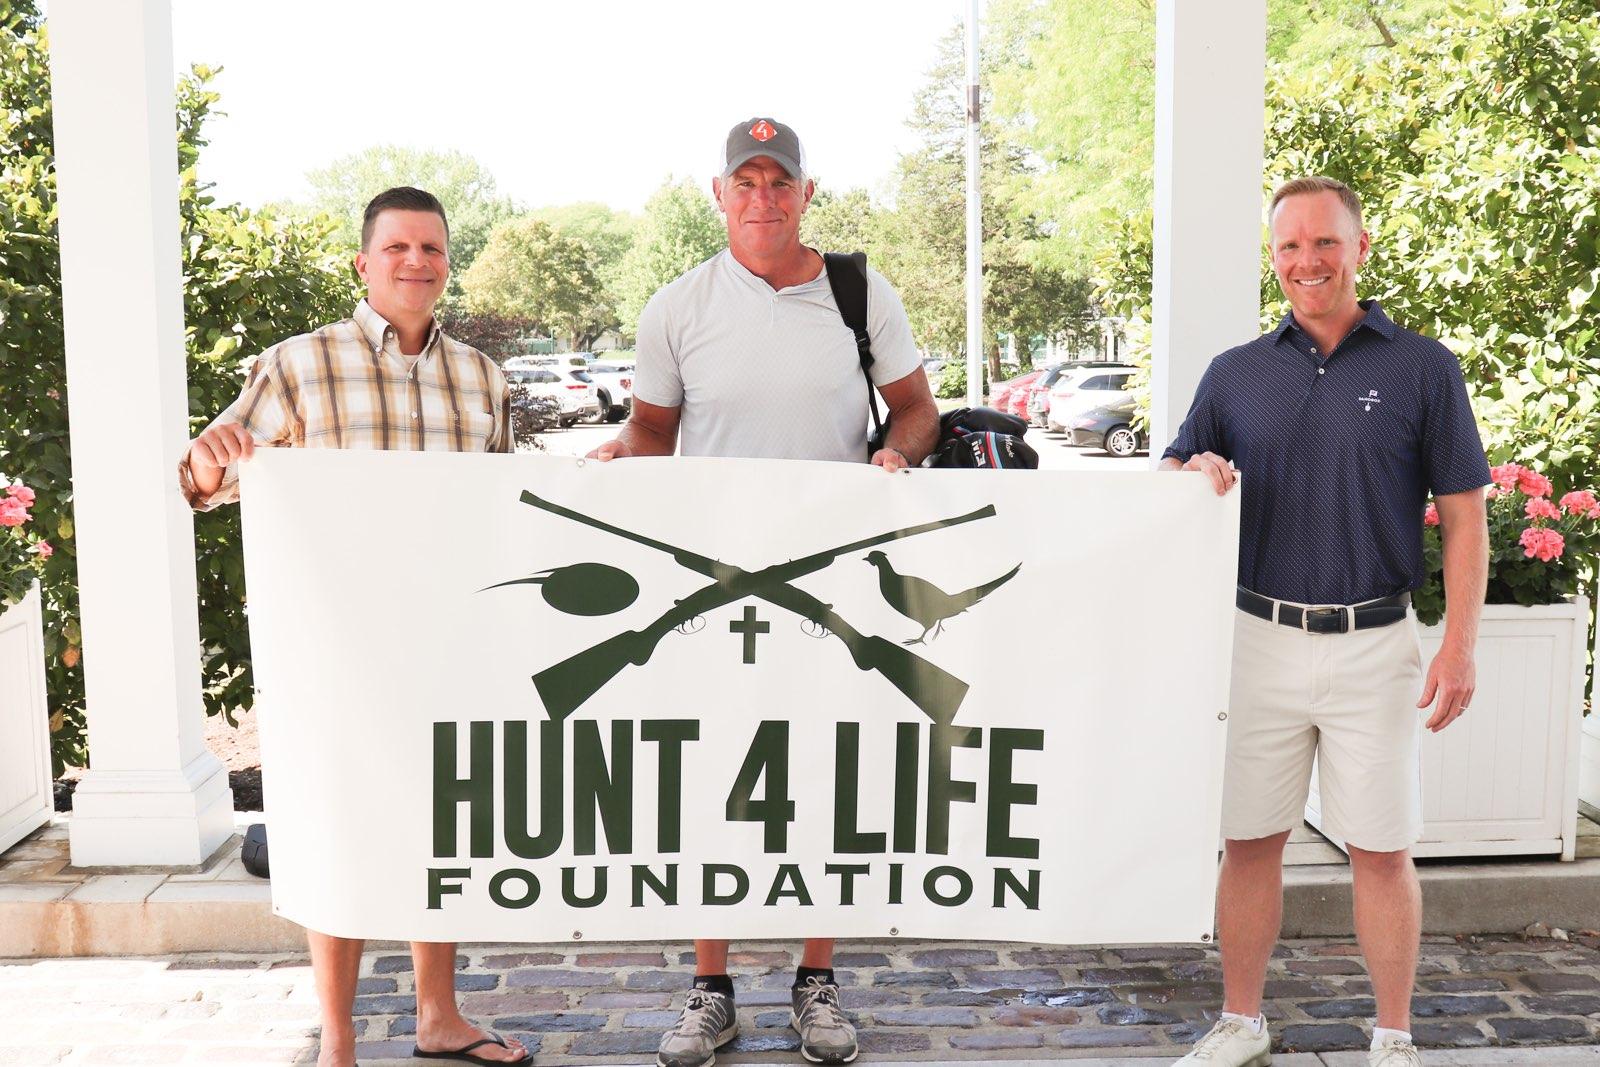 Brett Favre at the Hunt 4 Life Foundation